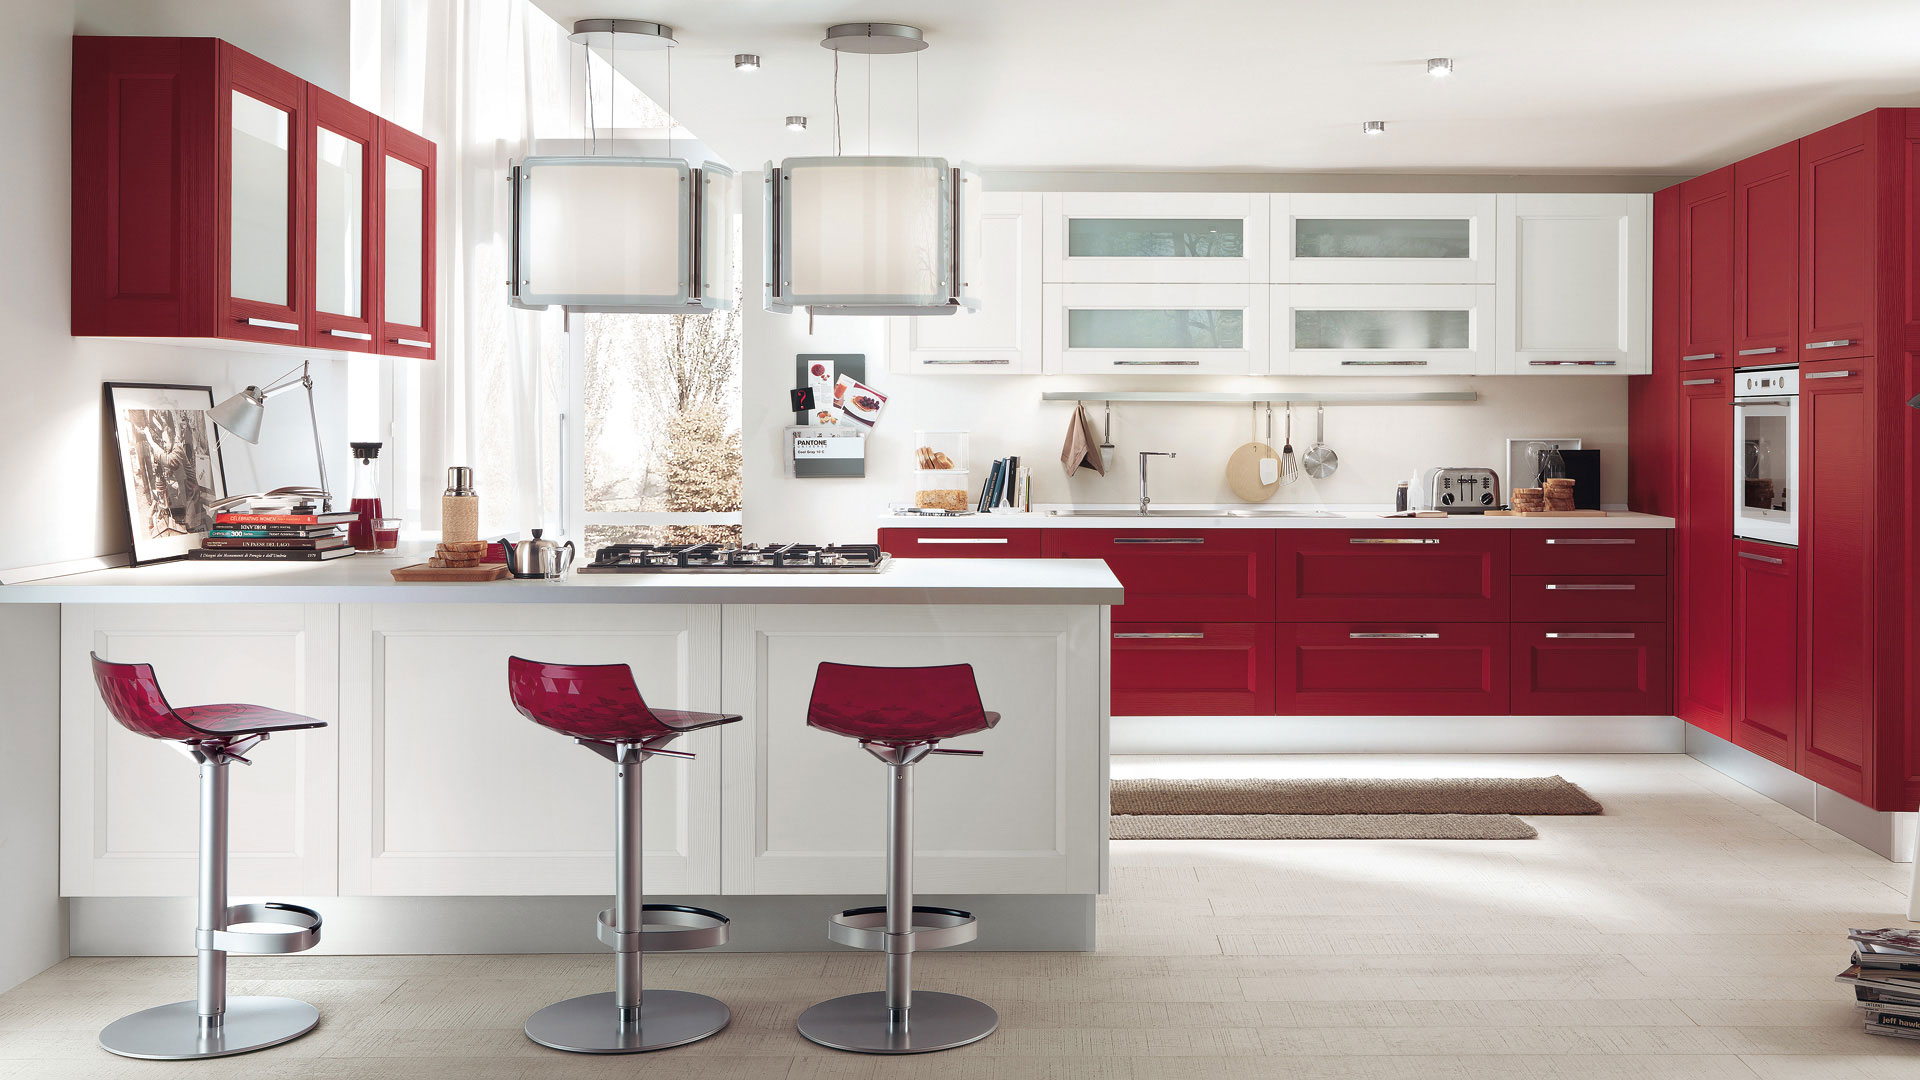 Scegliere la cucina giusta: tra stile e funzionalità | Arredamenti ...